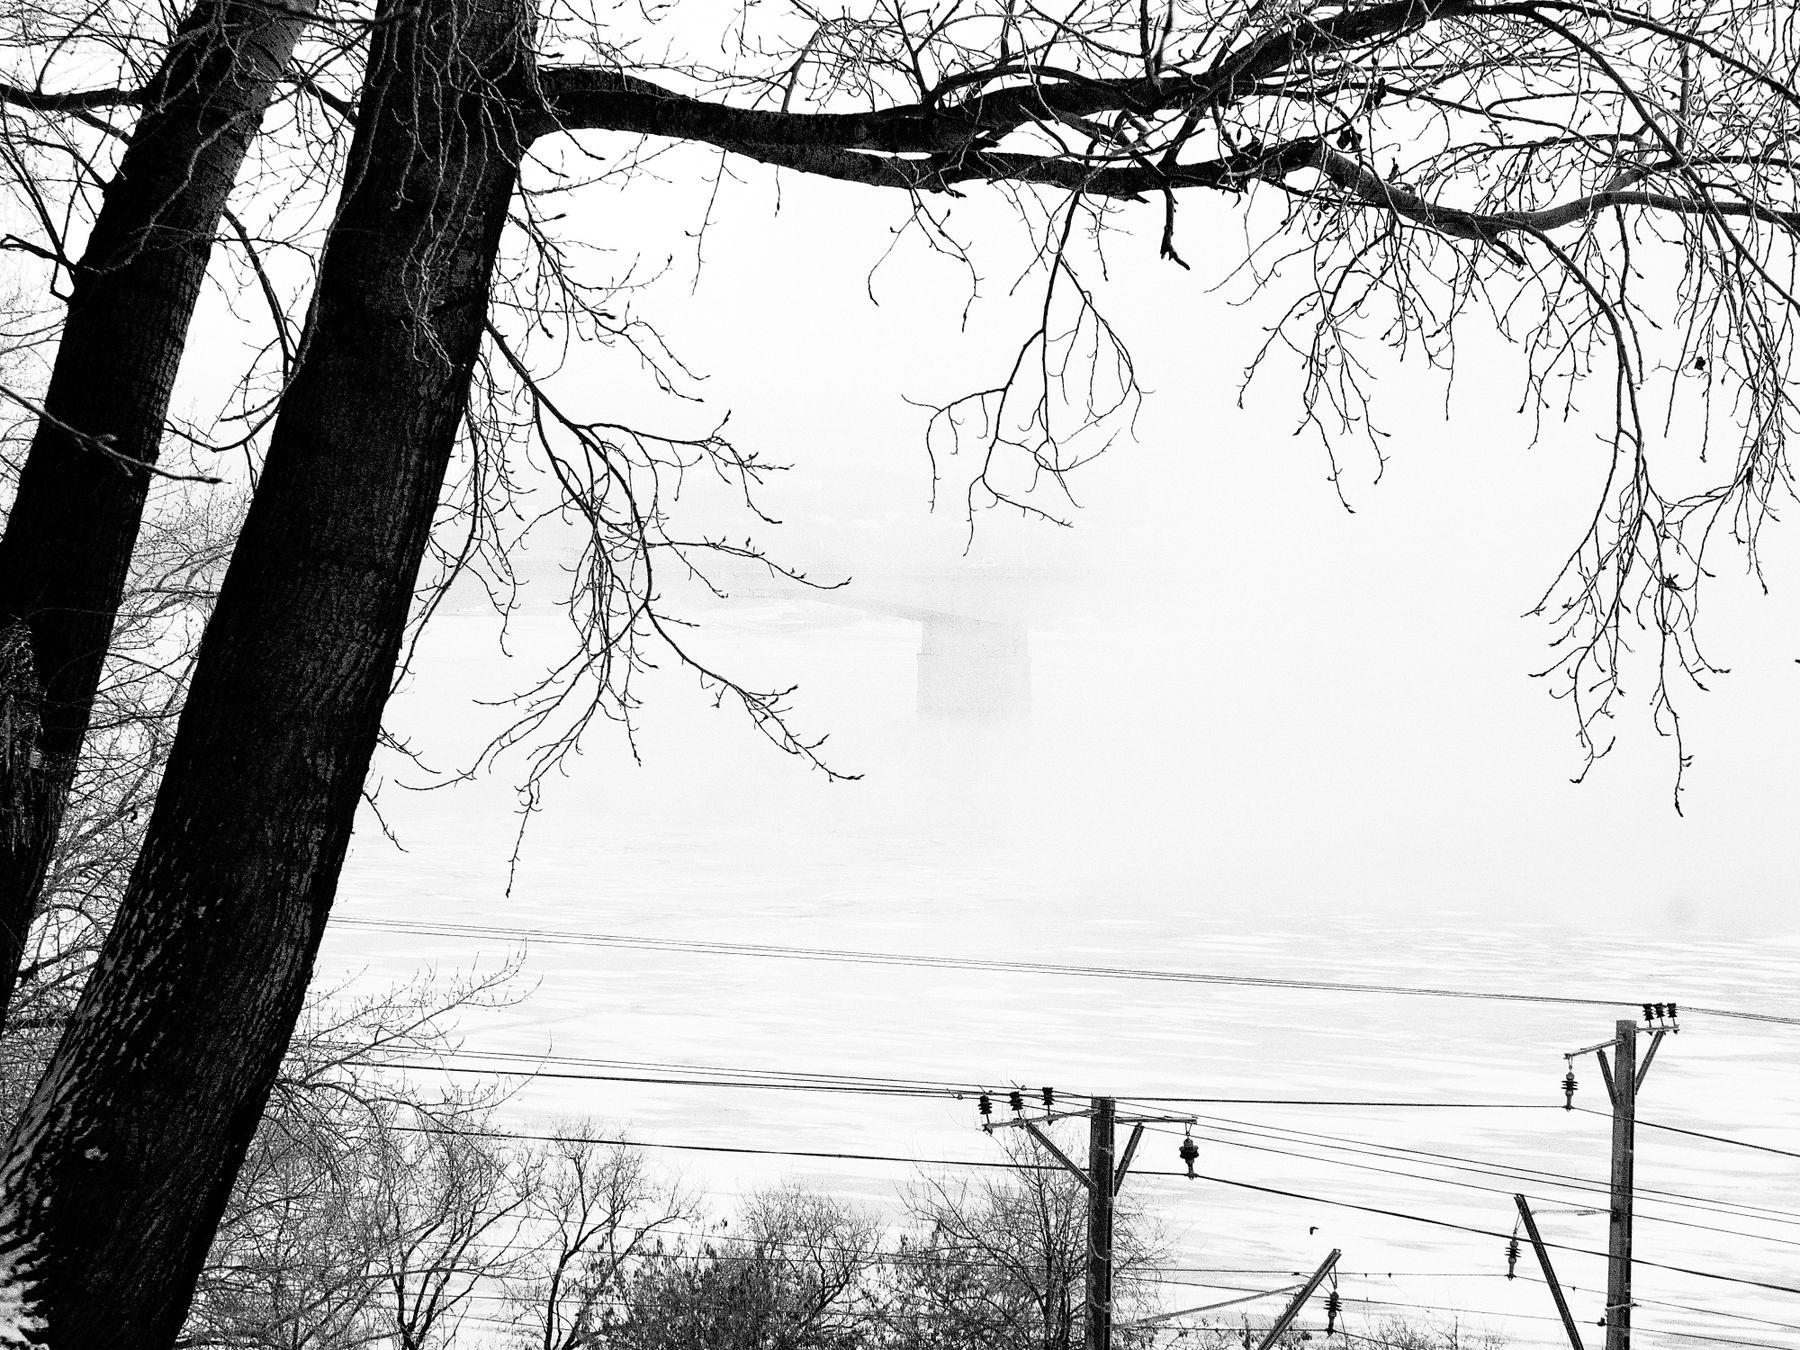 Над Камой. Этюд Зима туман ветки провода мороз графика Шварц